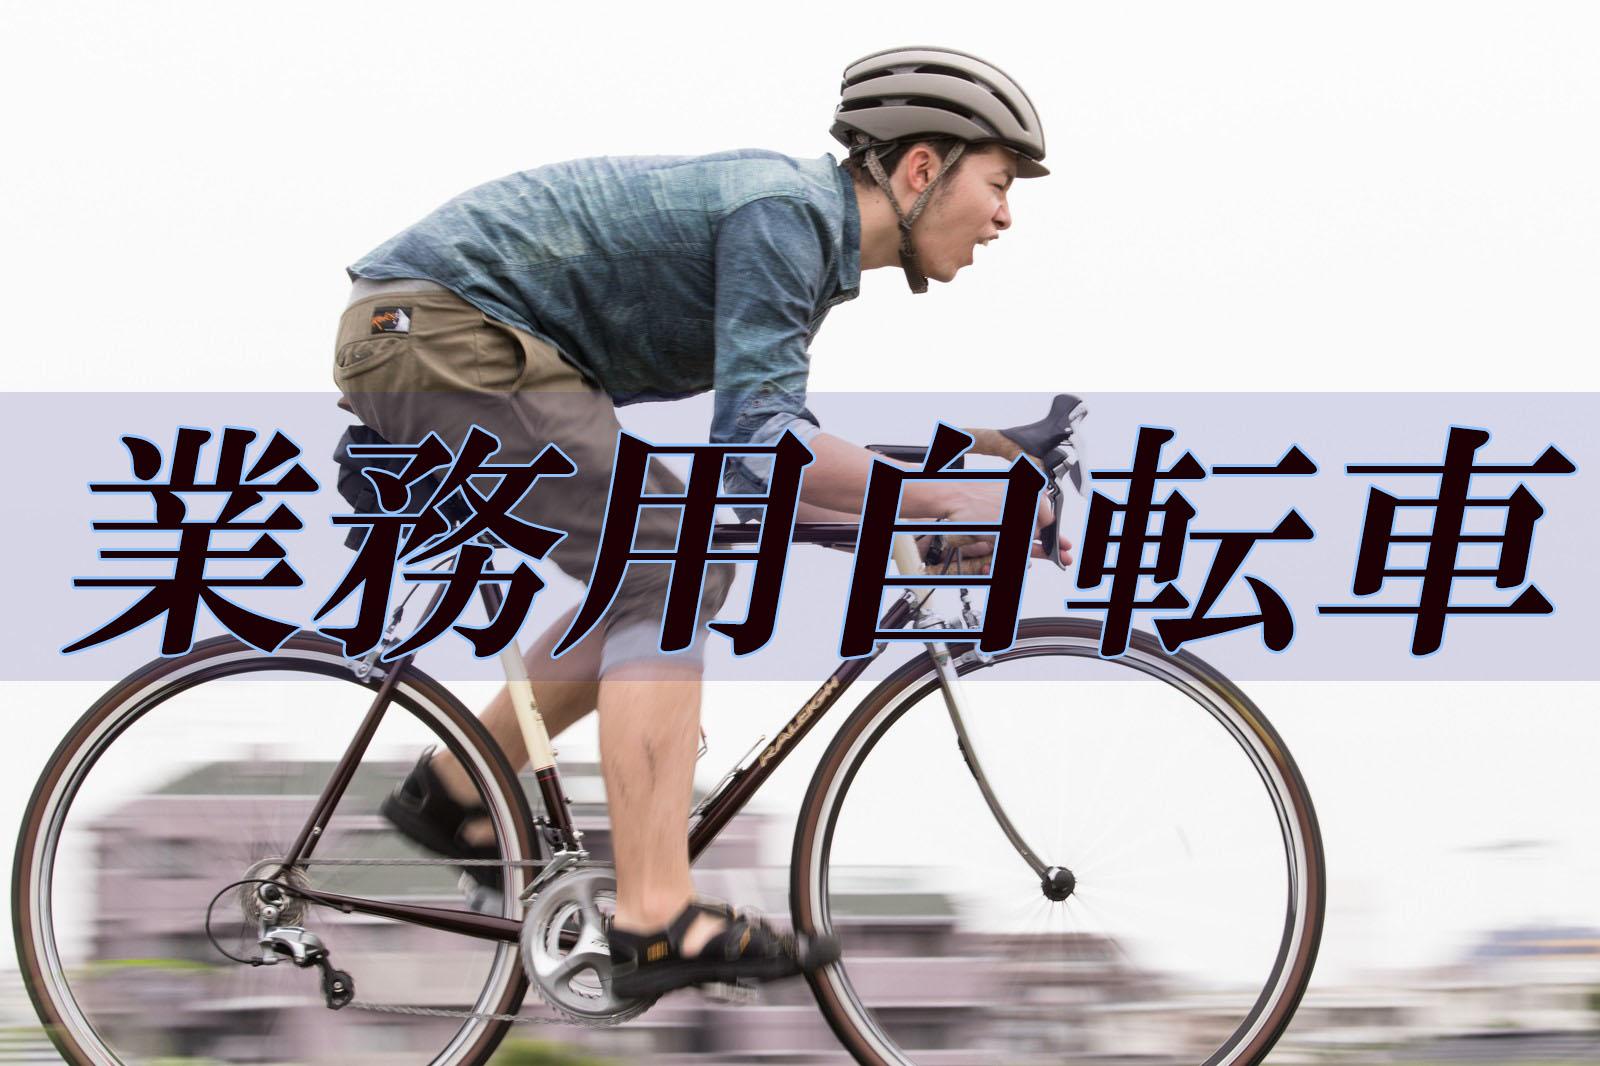 安全で頑丈な業務用自転車を紹介